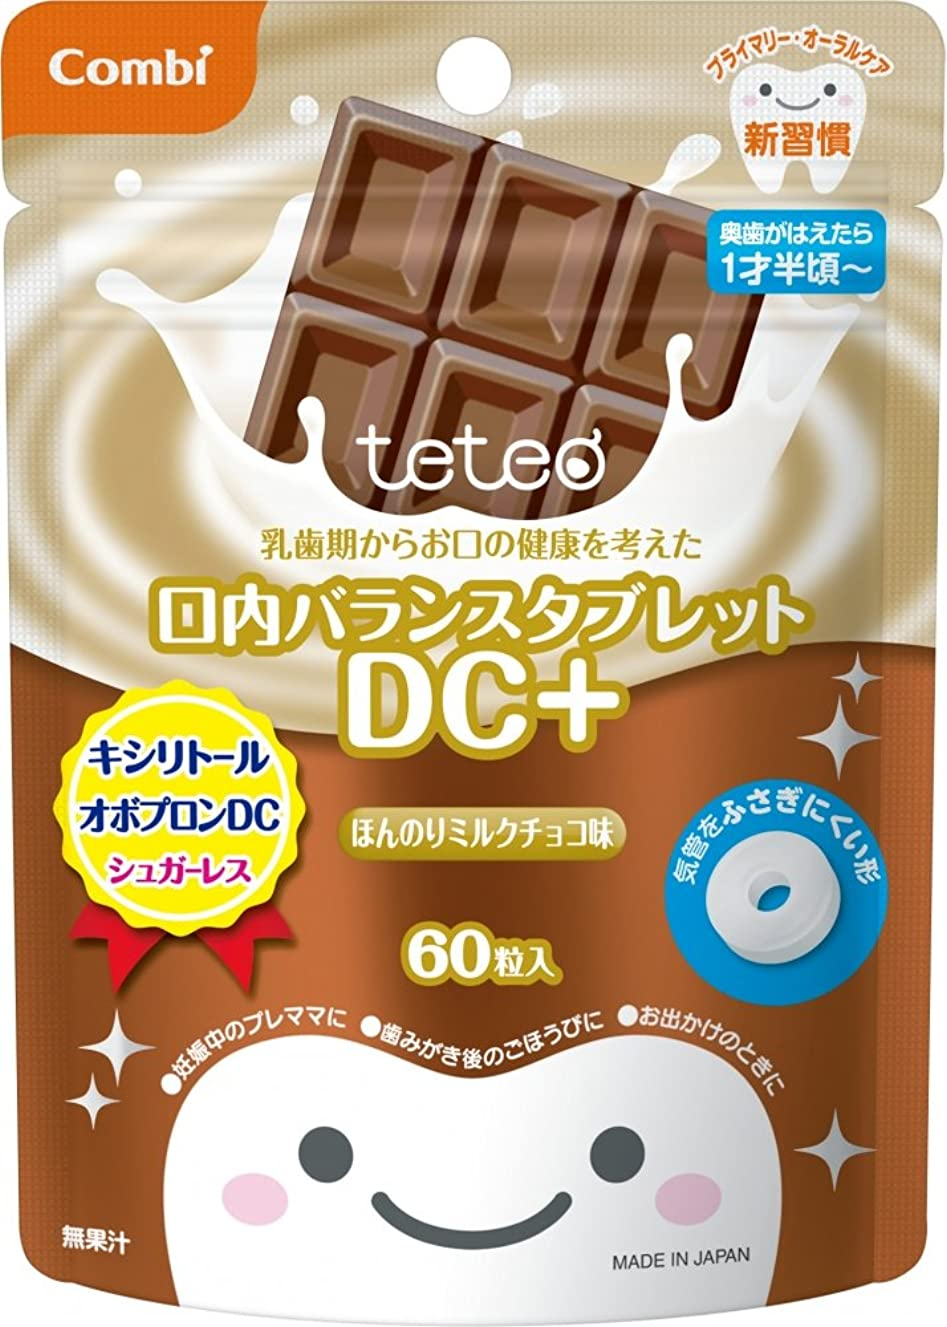 コーデリアランクキャップコンビ テテオ 乳歯期からお口の健康を考えた口内バランスタブレット DC+ ほんのりミルクチョコ味 60粒 【対象月齢:1才半頃~】